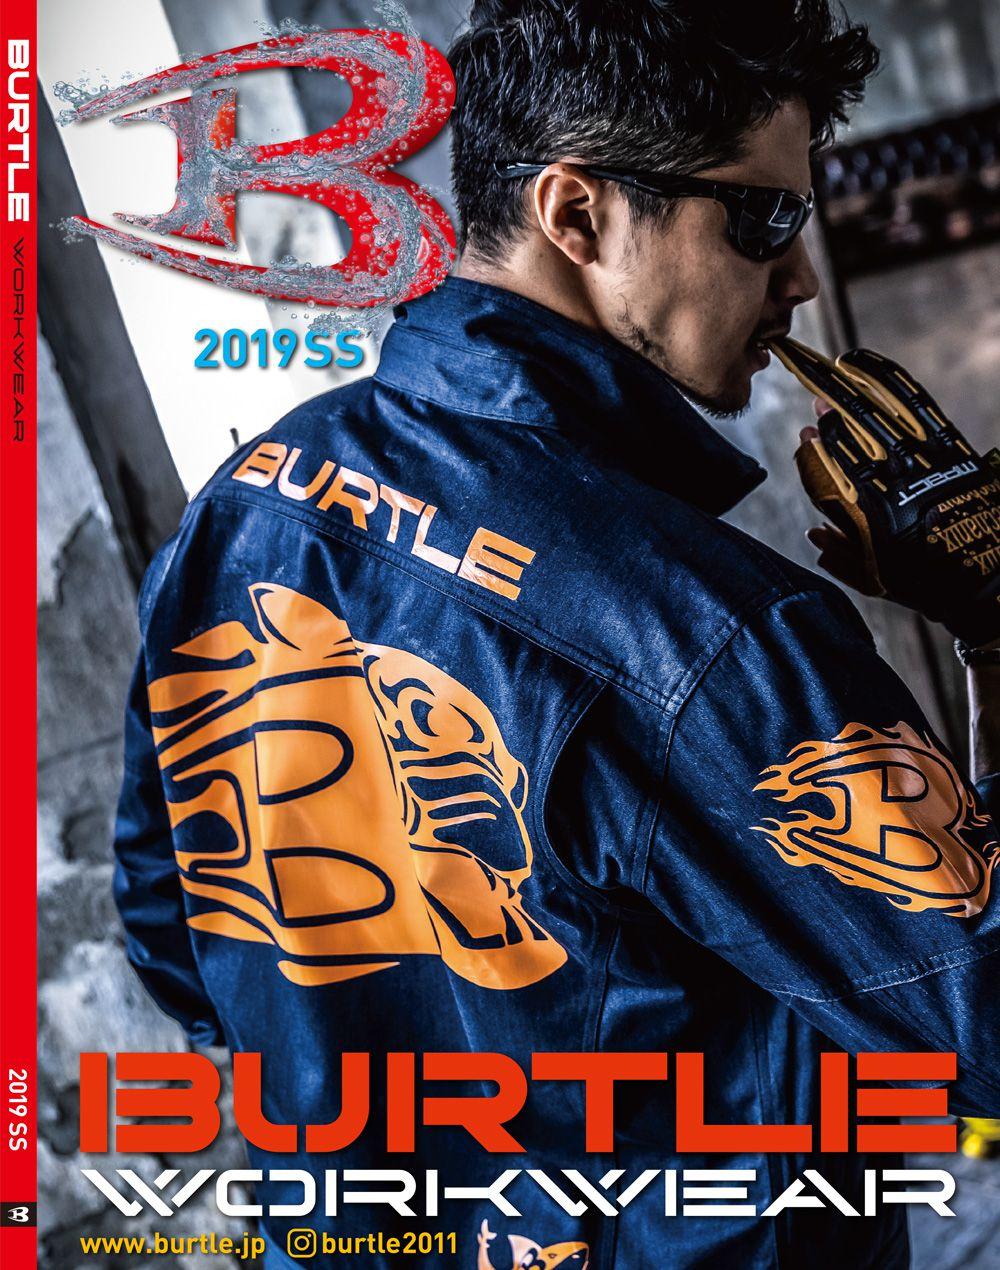 BURTLE 2019年春夏カタログ